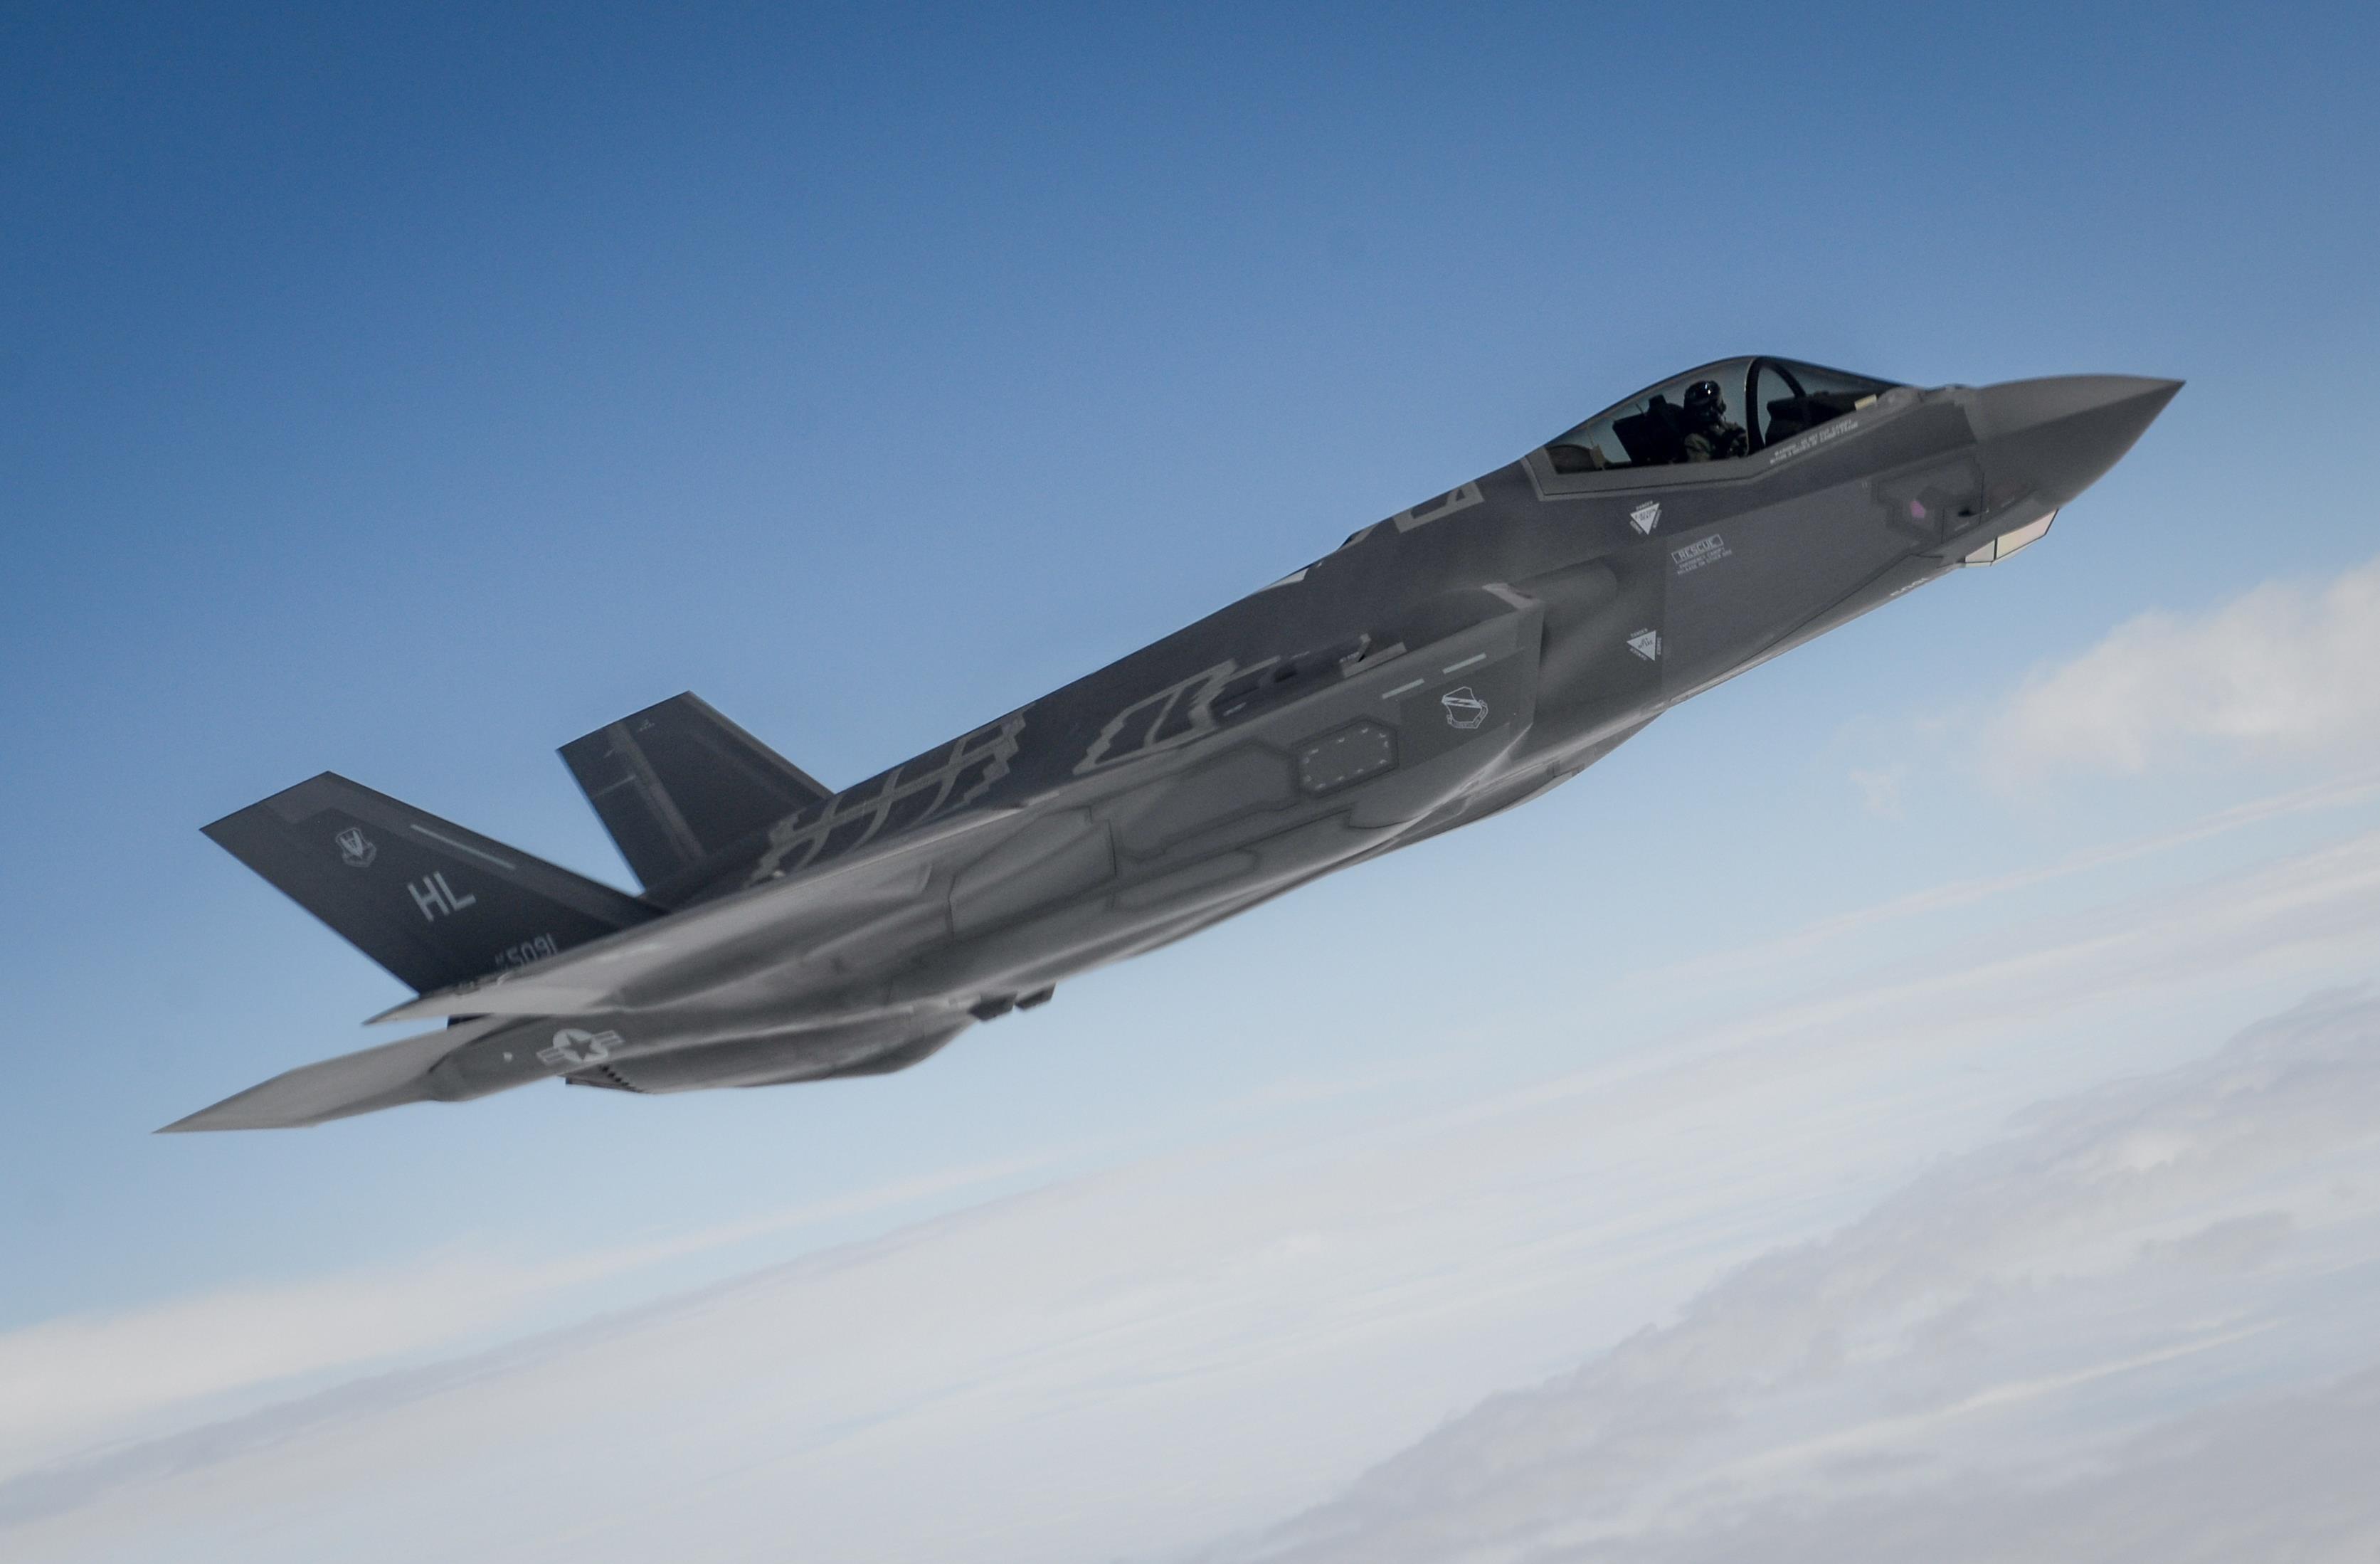 """Single F-35 Kills Dozens of Enemy Fighters in AirWar Live Combat """"Scenario"""" - Warrior Maven"""